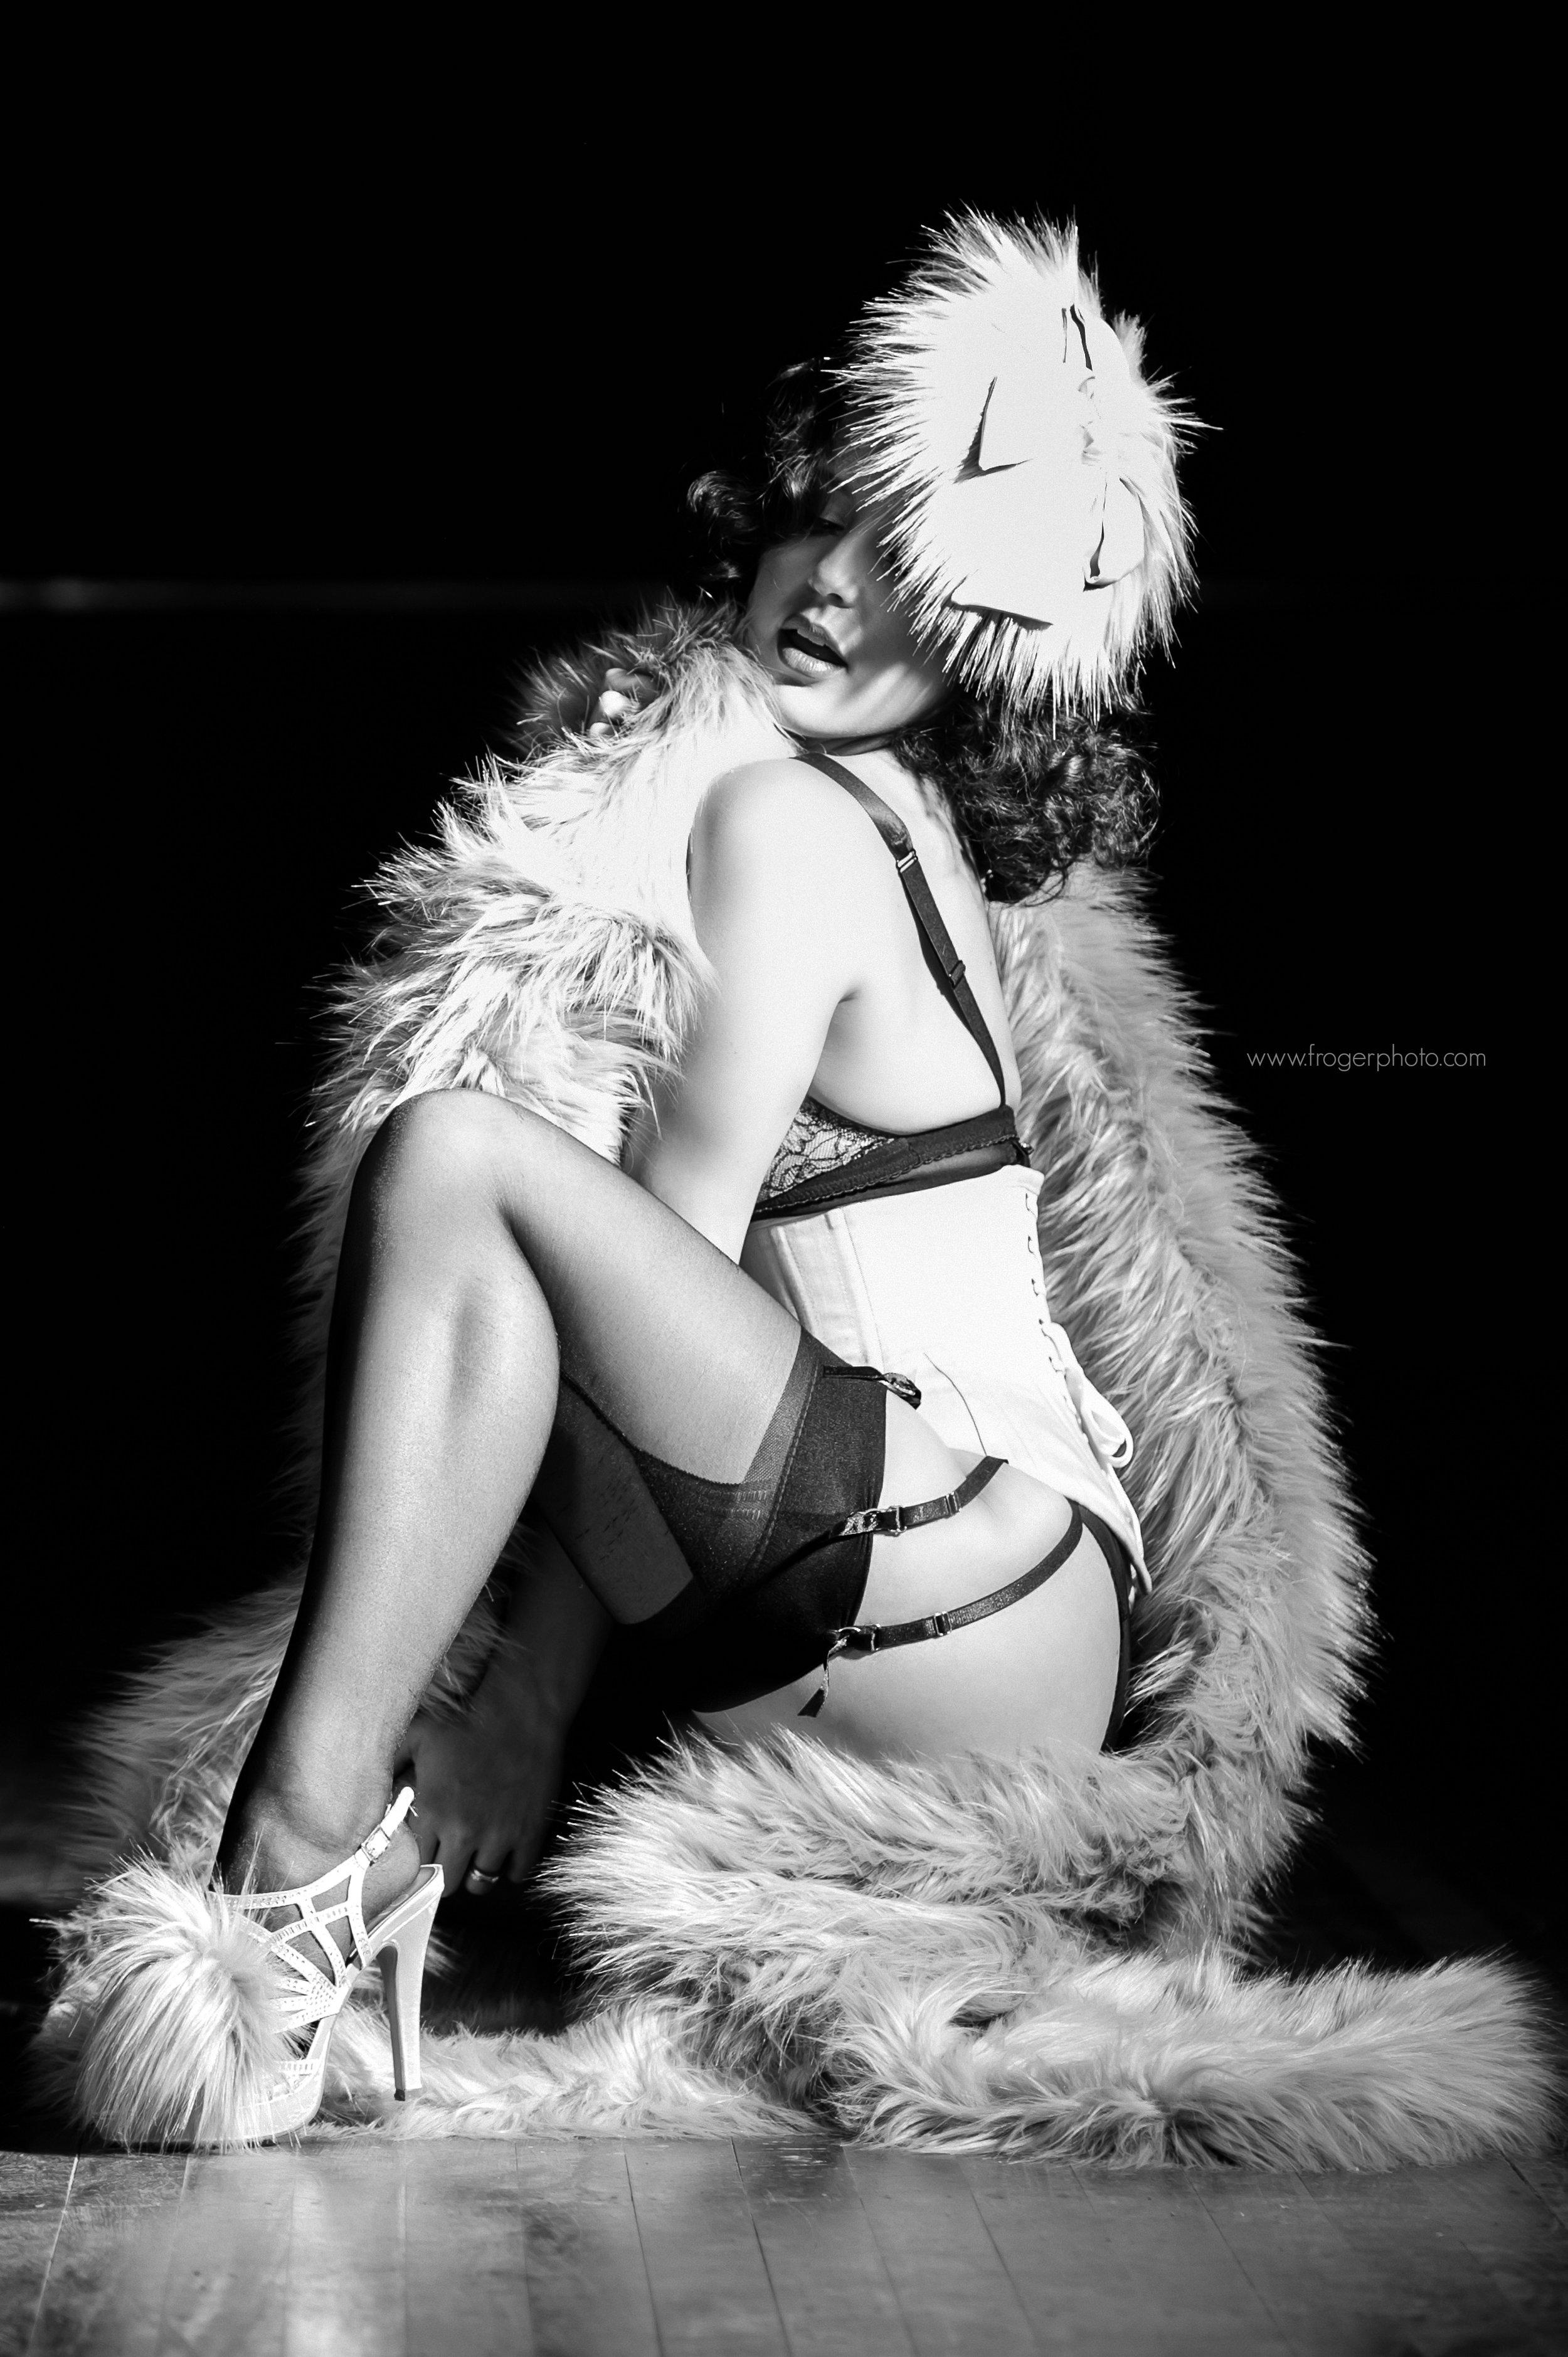 Velvet - Burlesque - Uploaded Nov 25th